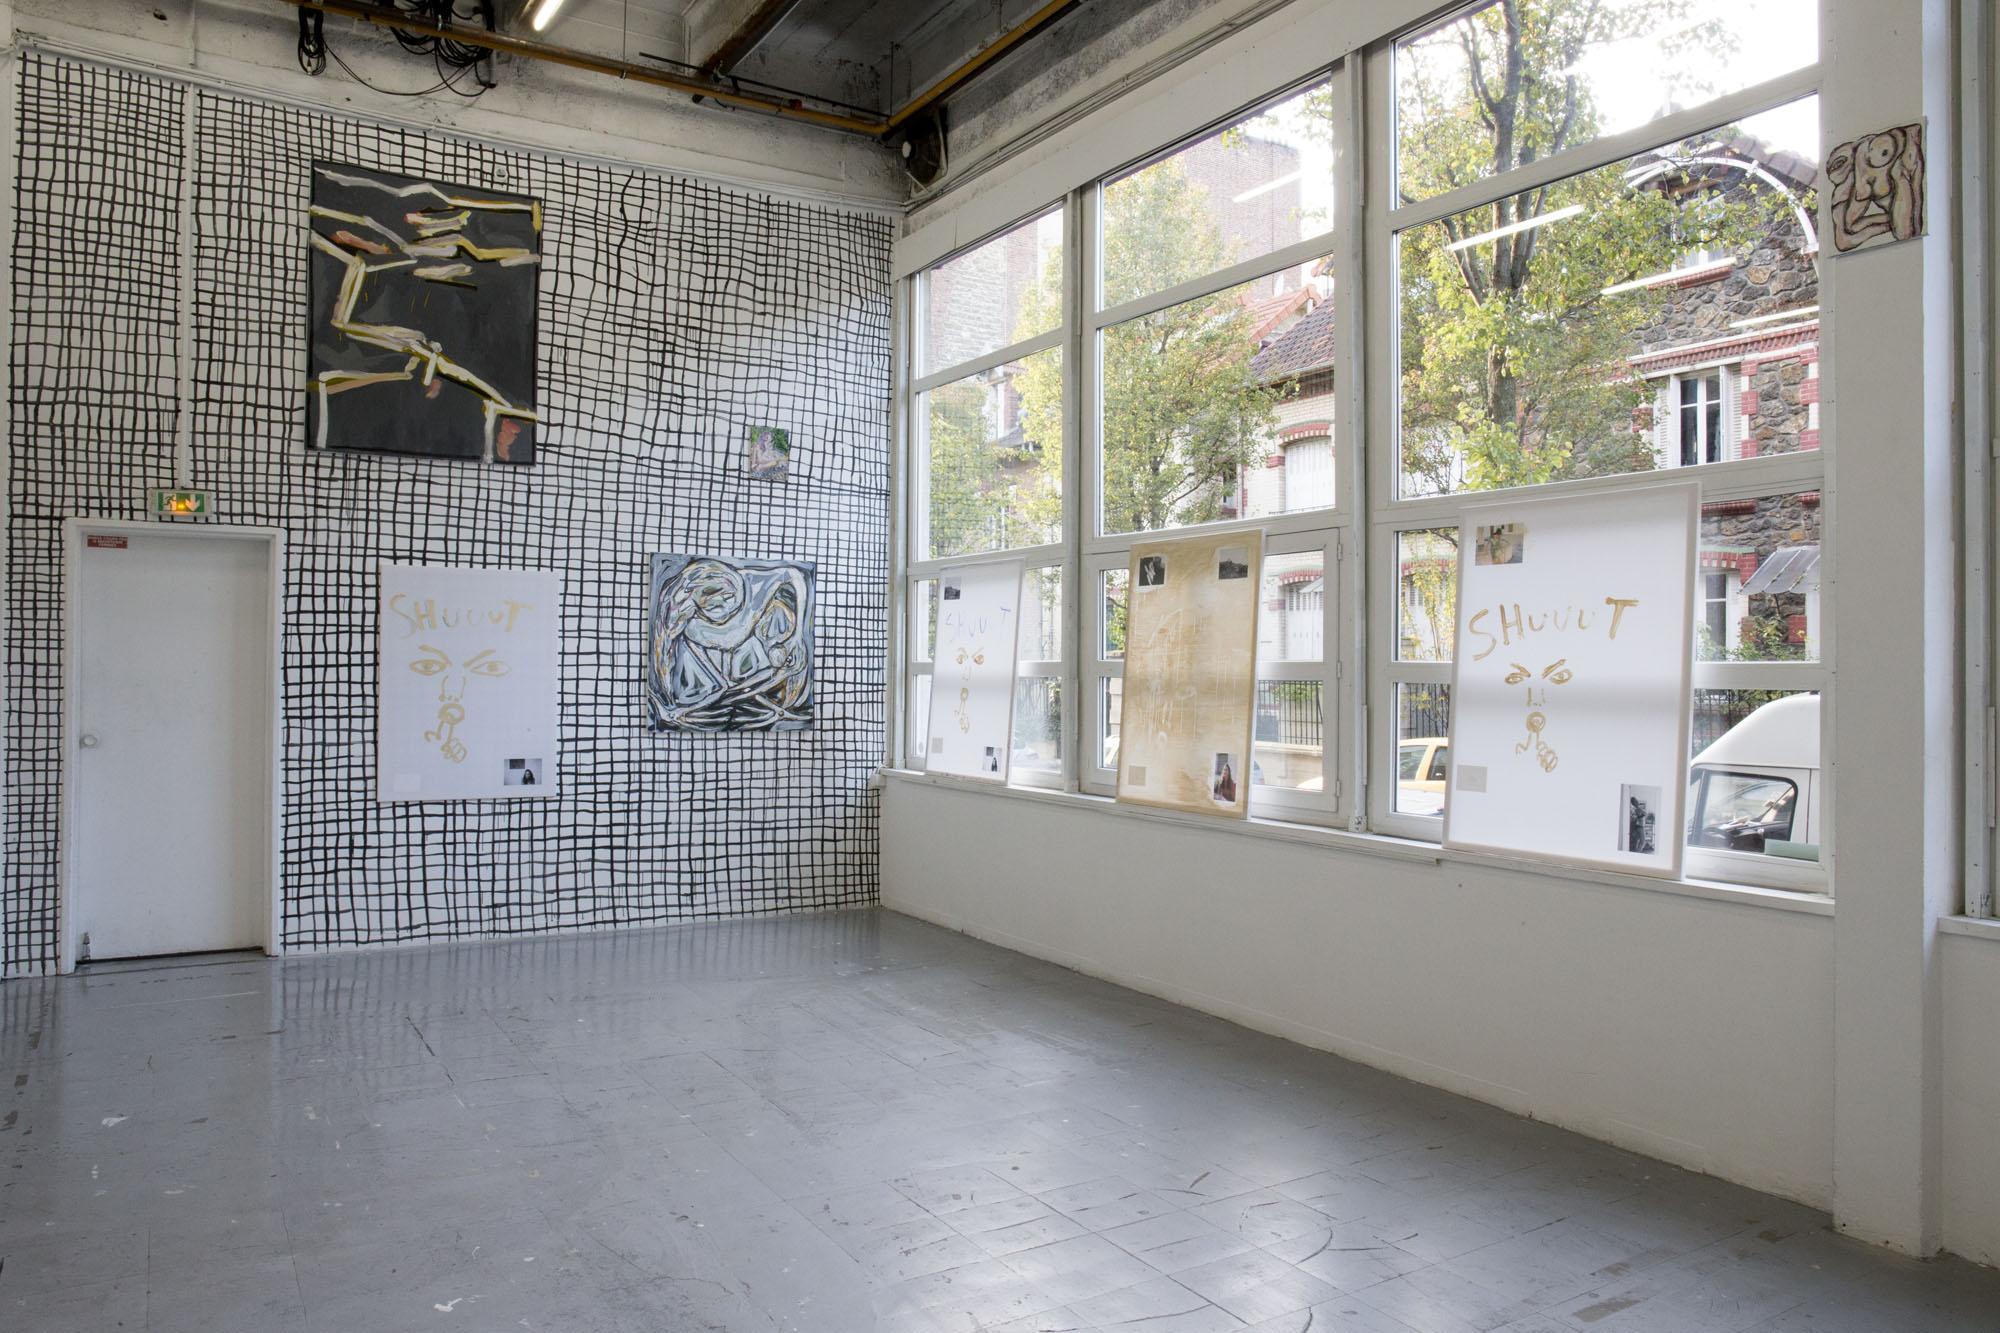 52_Quart d'heure américain - heiwata - Mains d'Oeuvres - Exhibition views.jpg